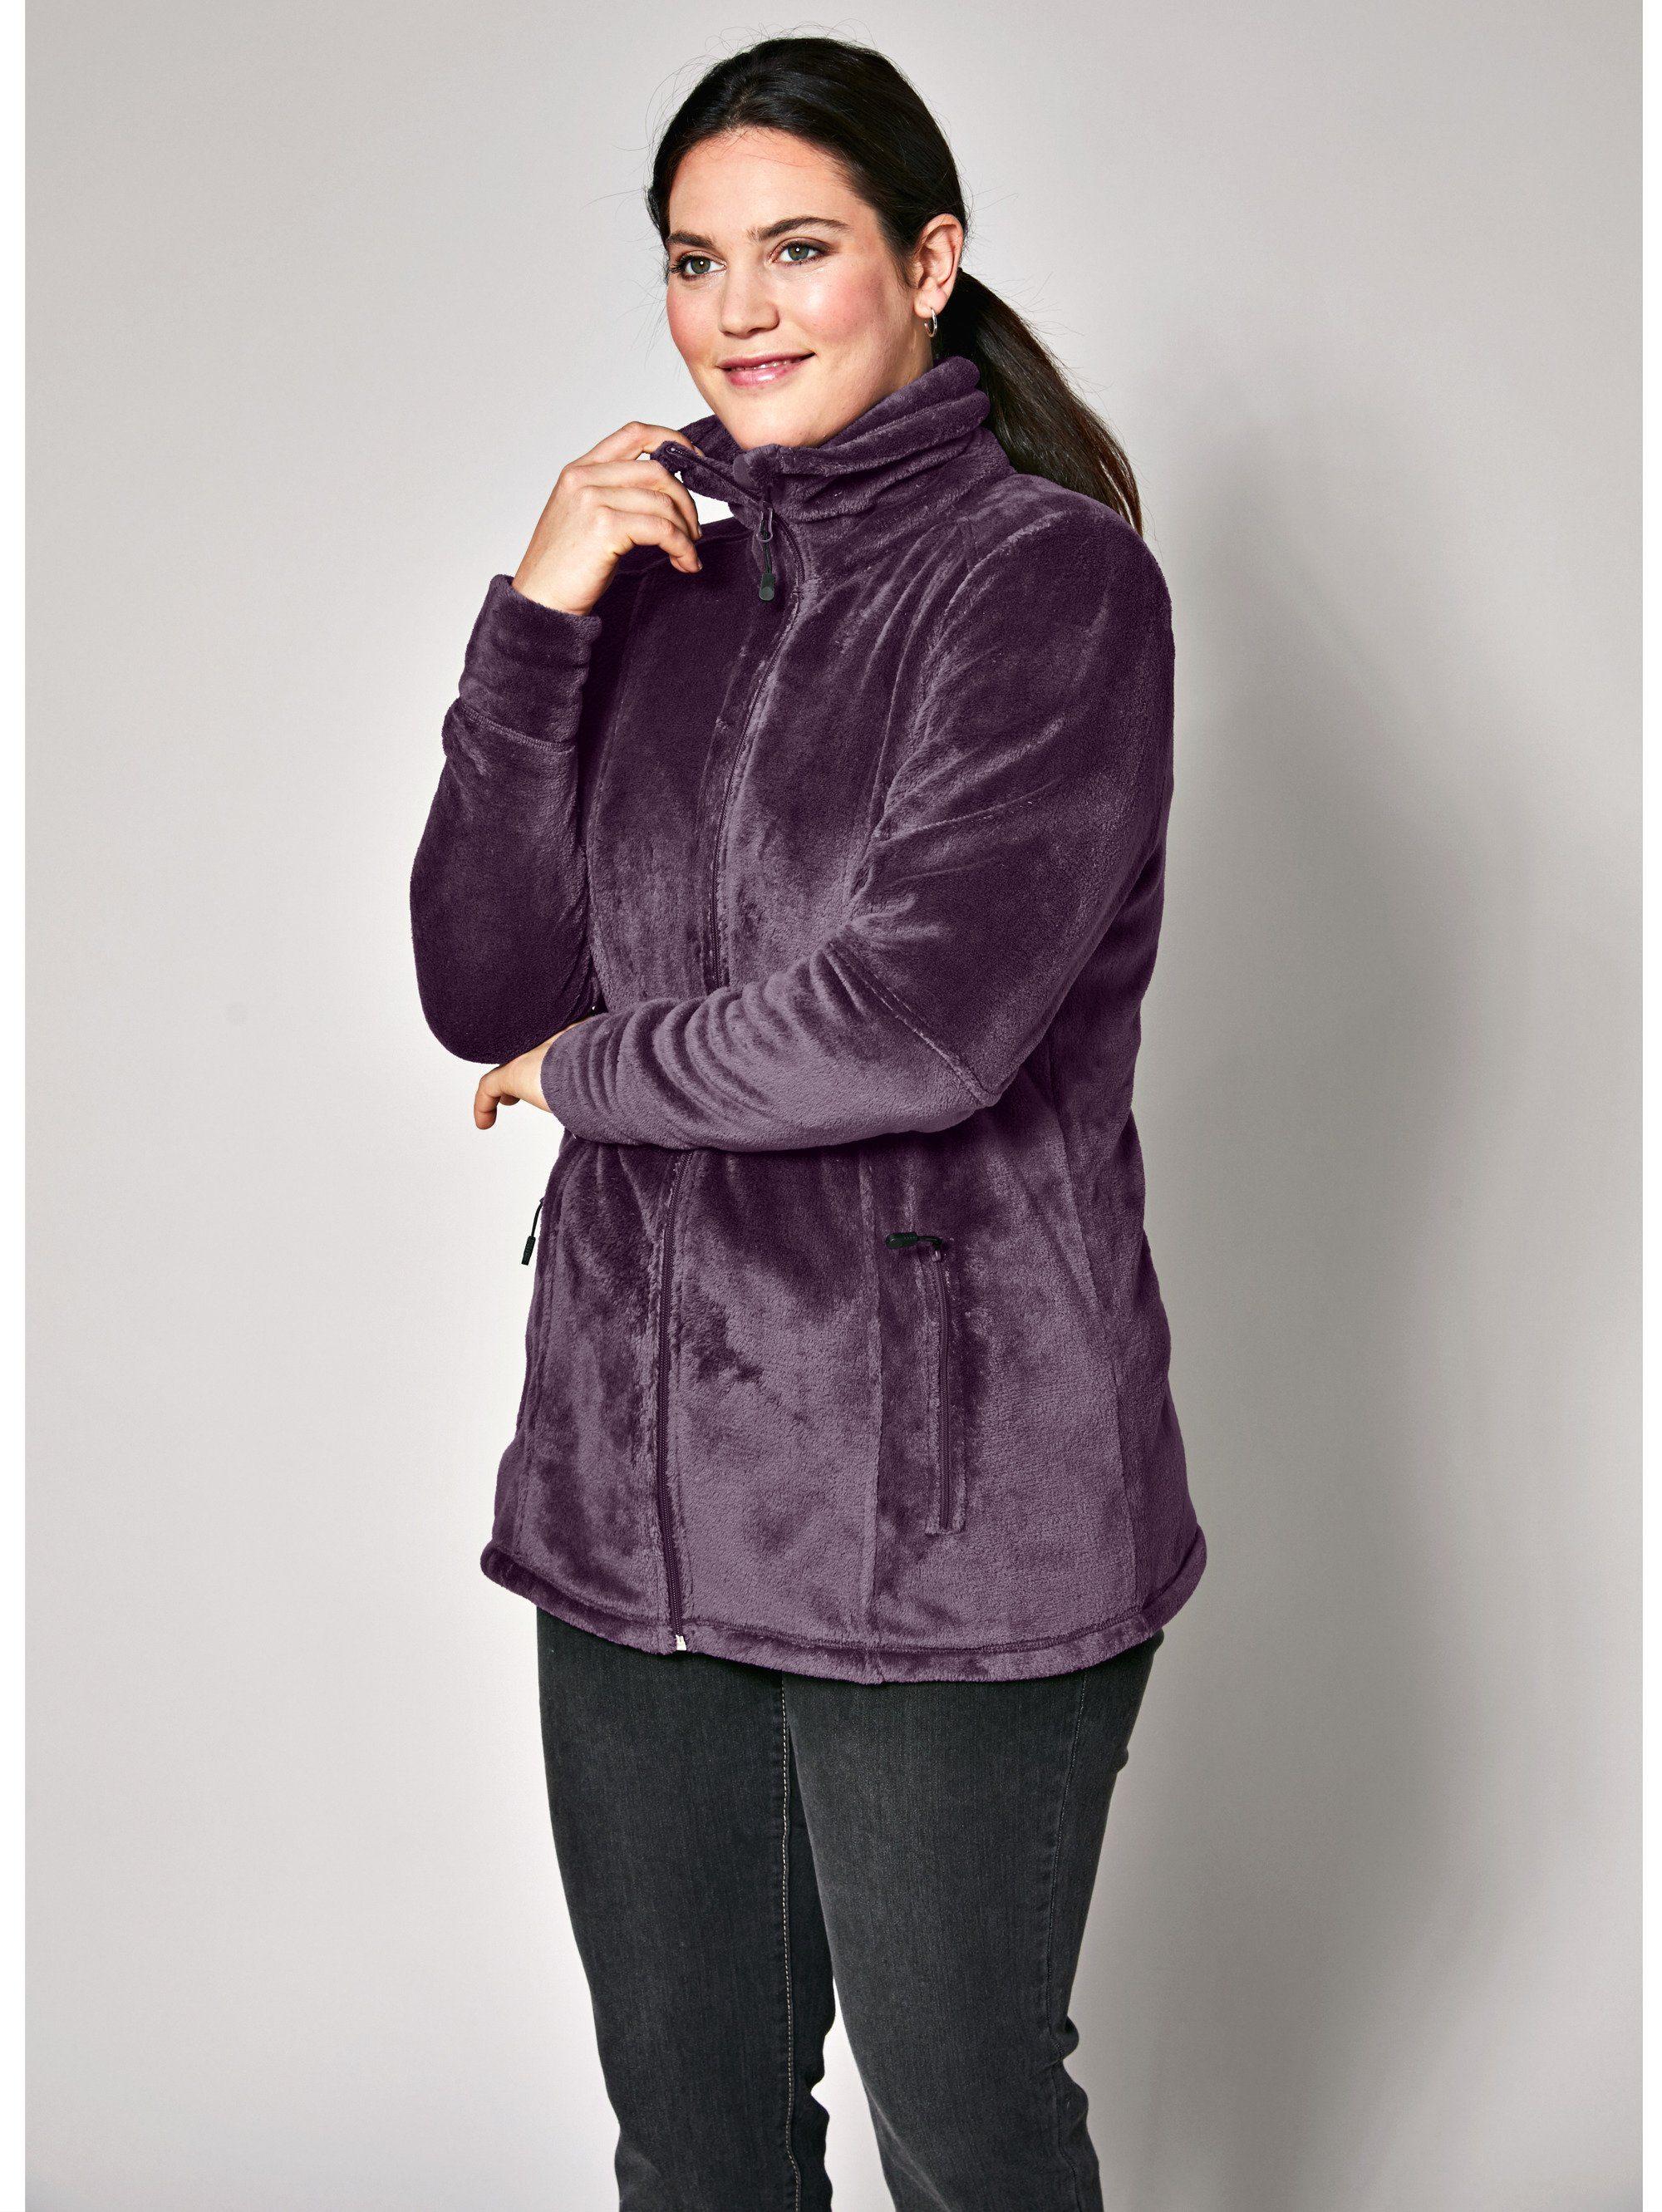 Kaufen Happy Size By Fleece Joyce jacke Janet Und 4Aj3R5L